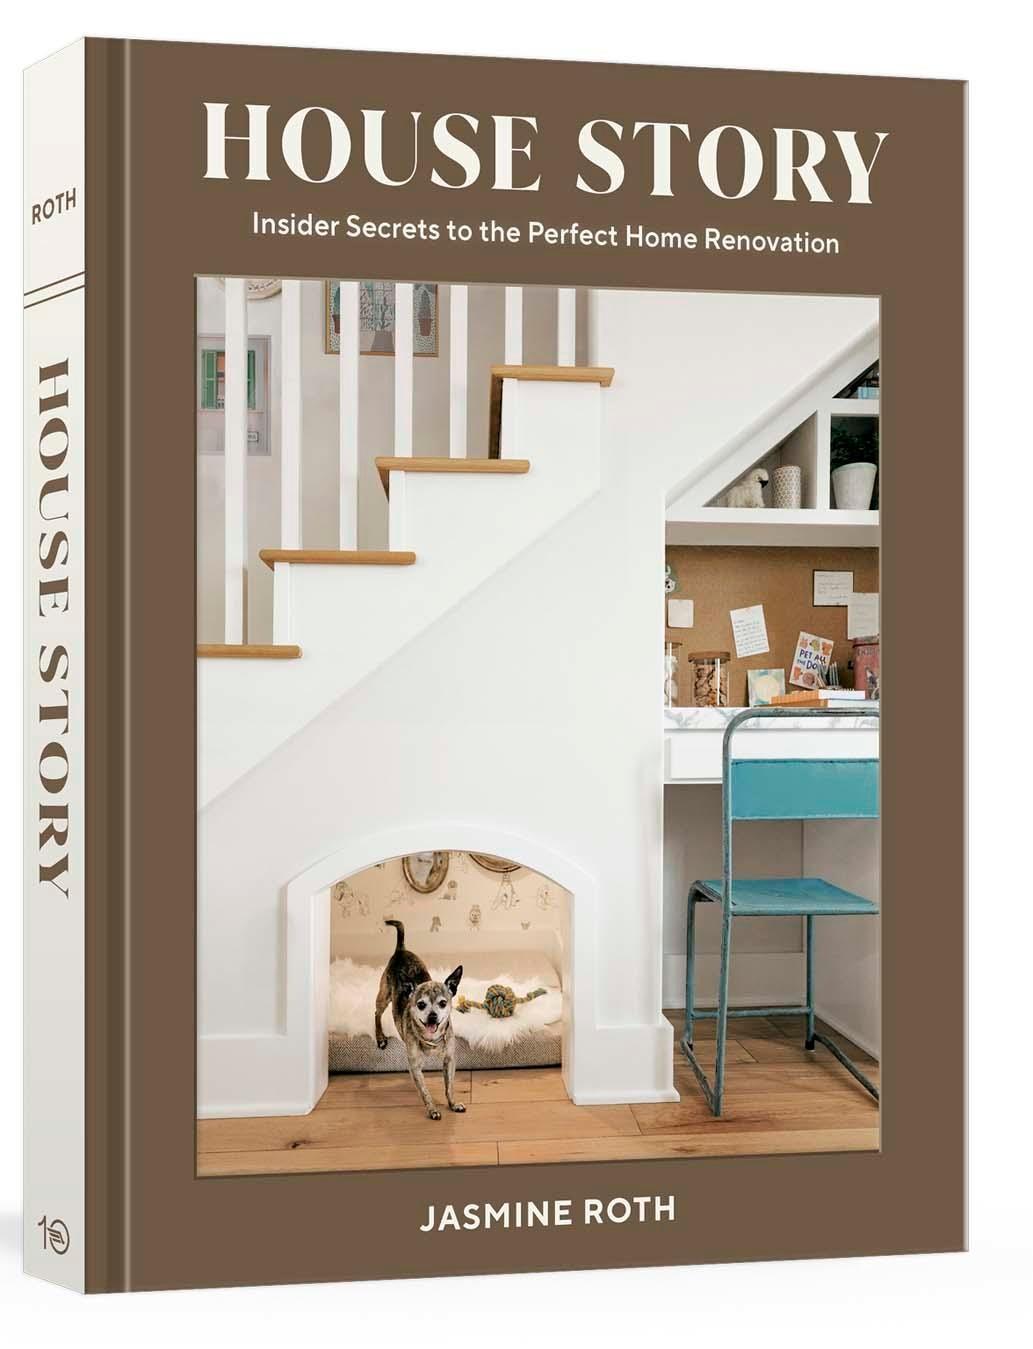 jasmine-roth-house-story-3d-cover.jpg